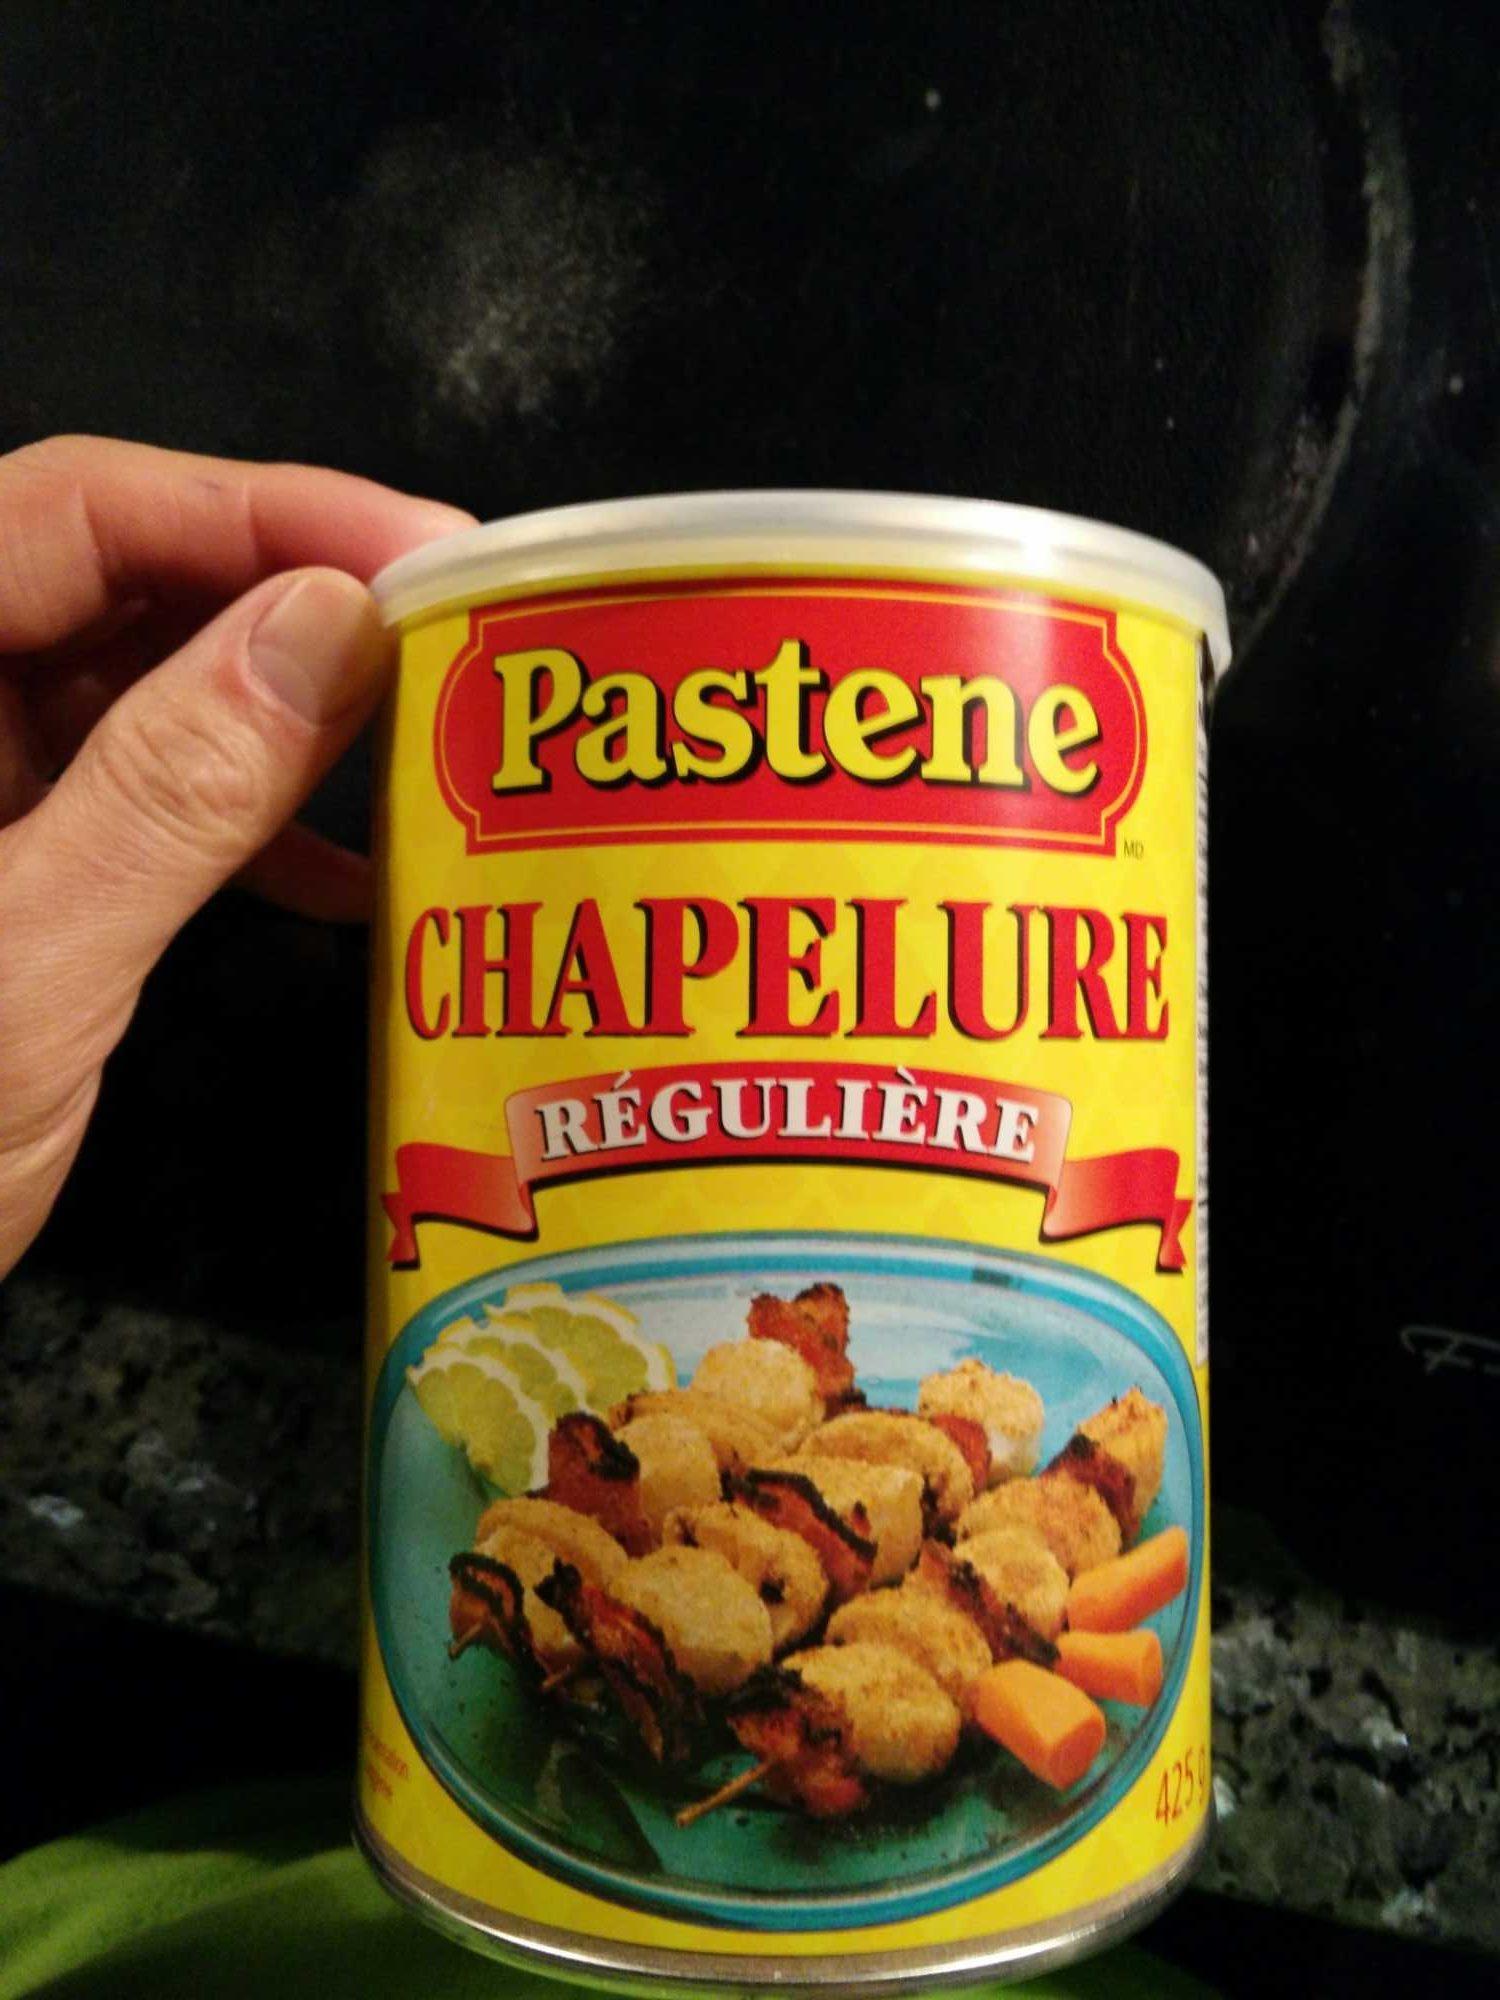 Chapelure regulière - Product - fr